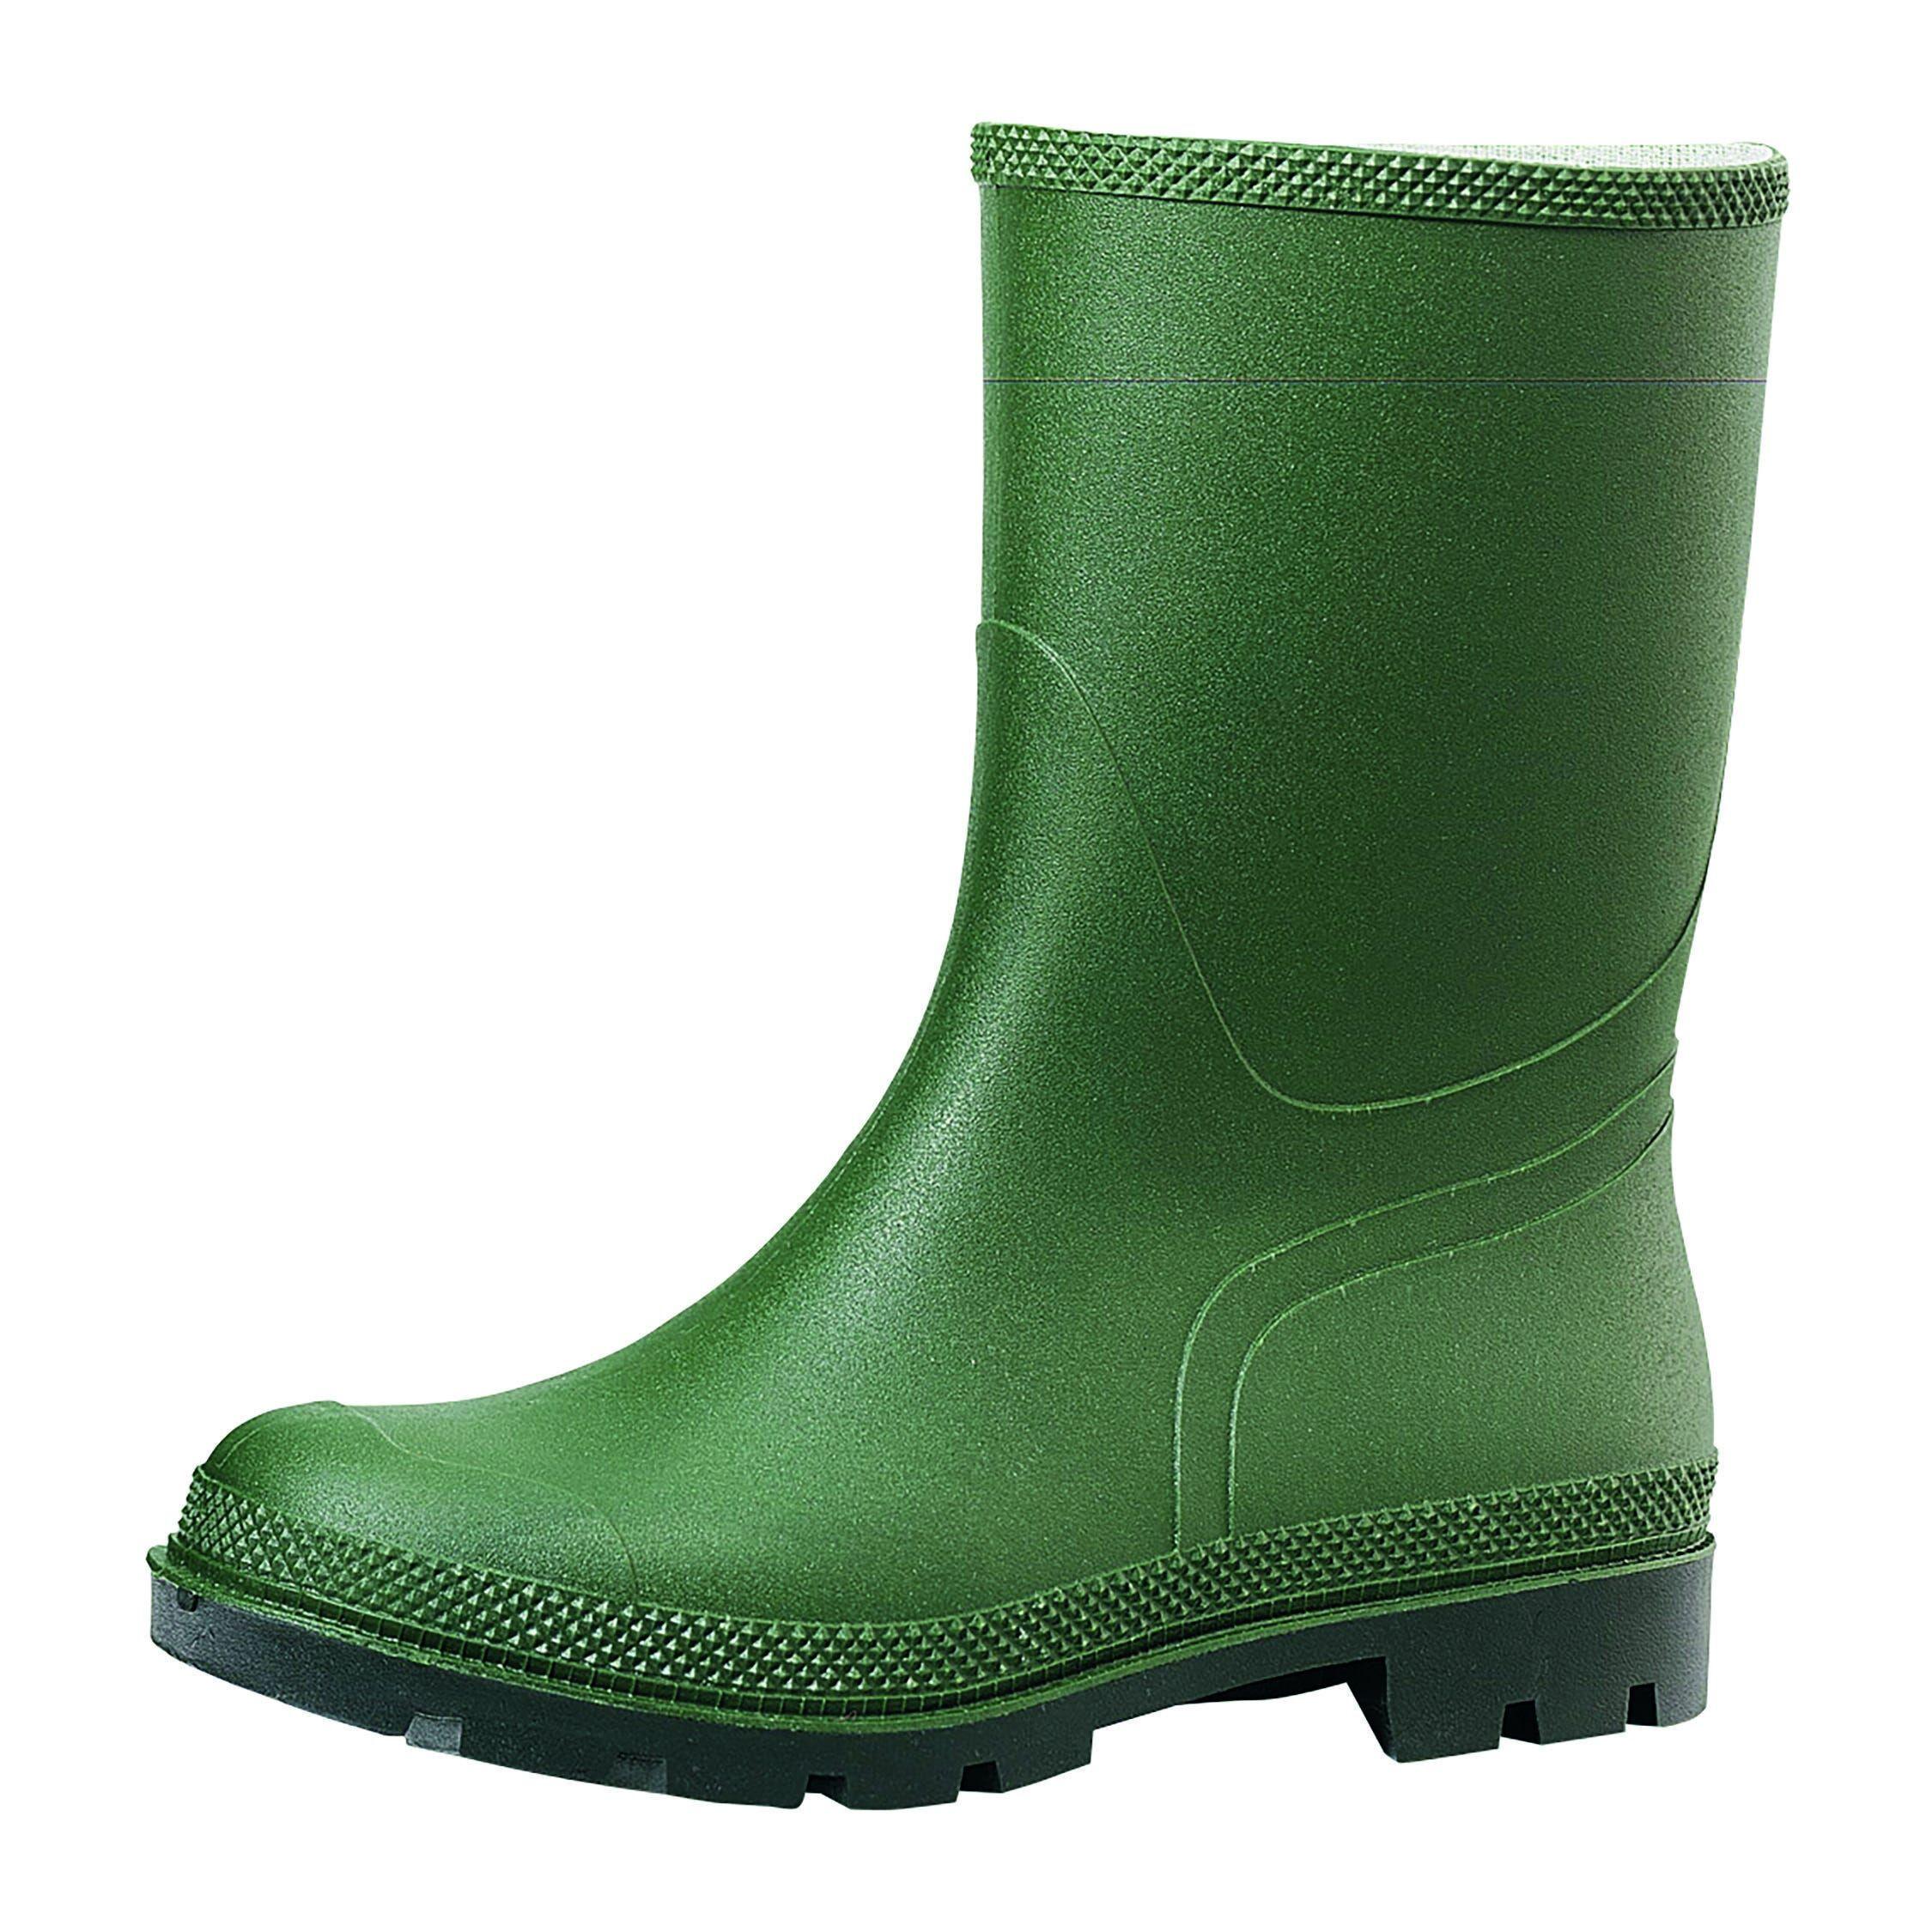 Stivale Tronchetto Pvc Misura 41  Boots Company